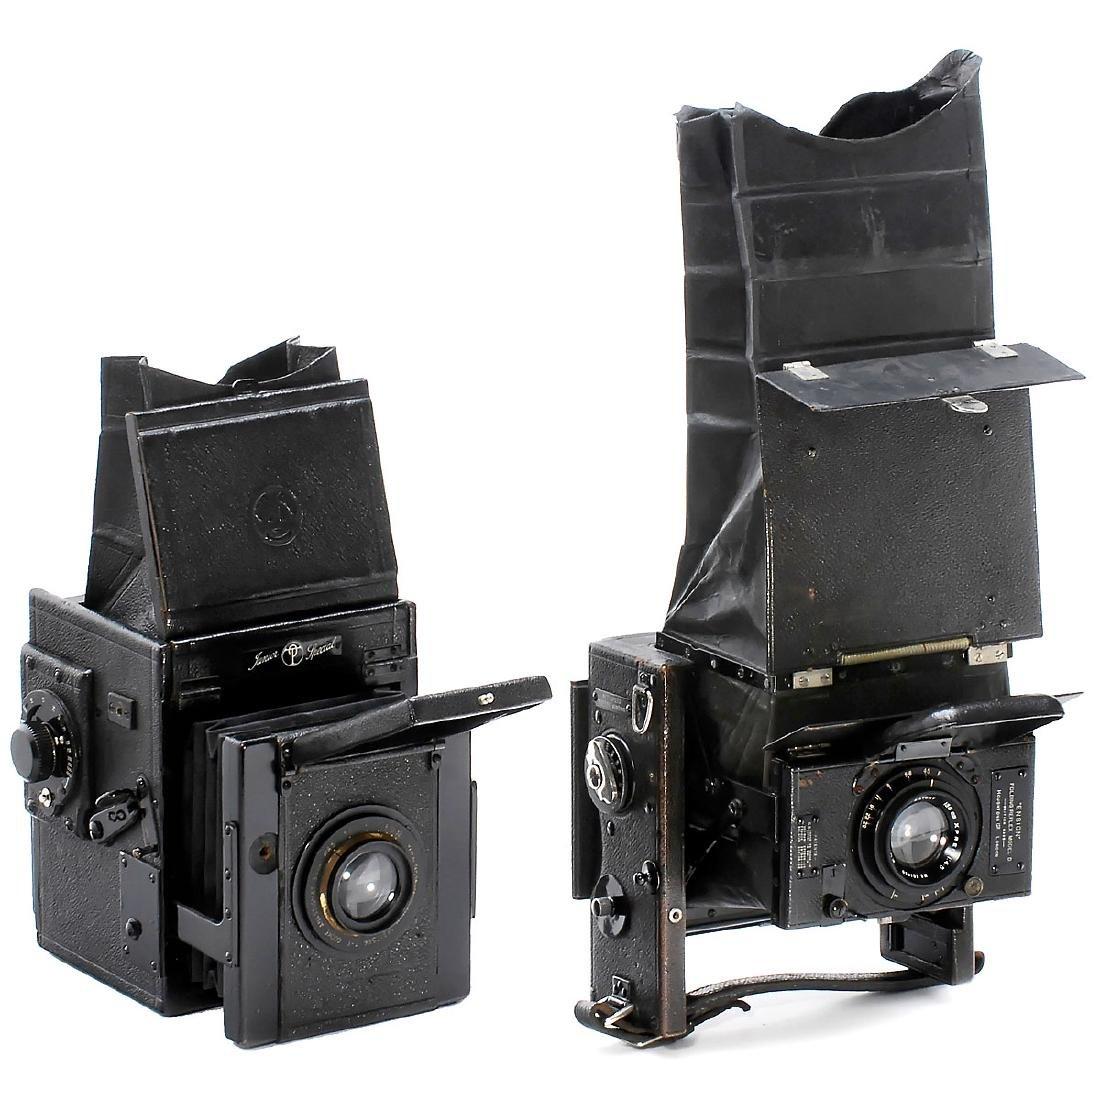 2 Reflex Cameras from England